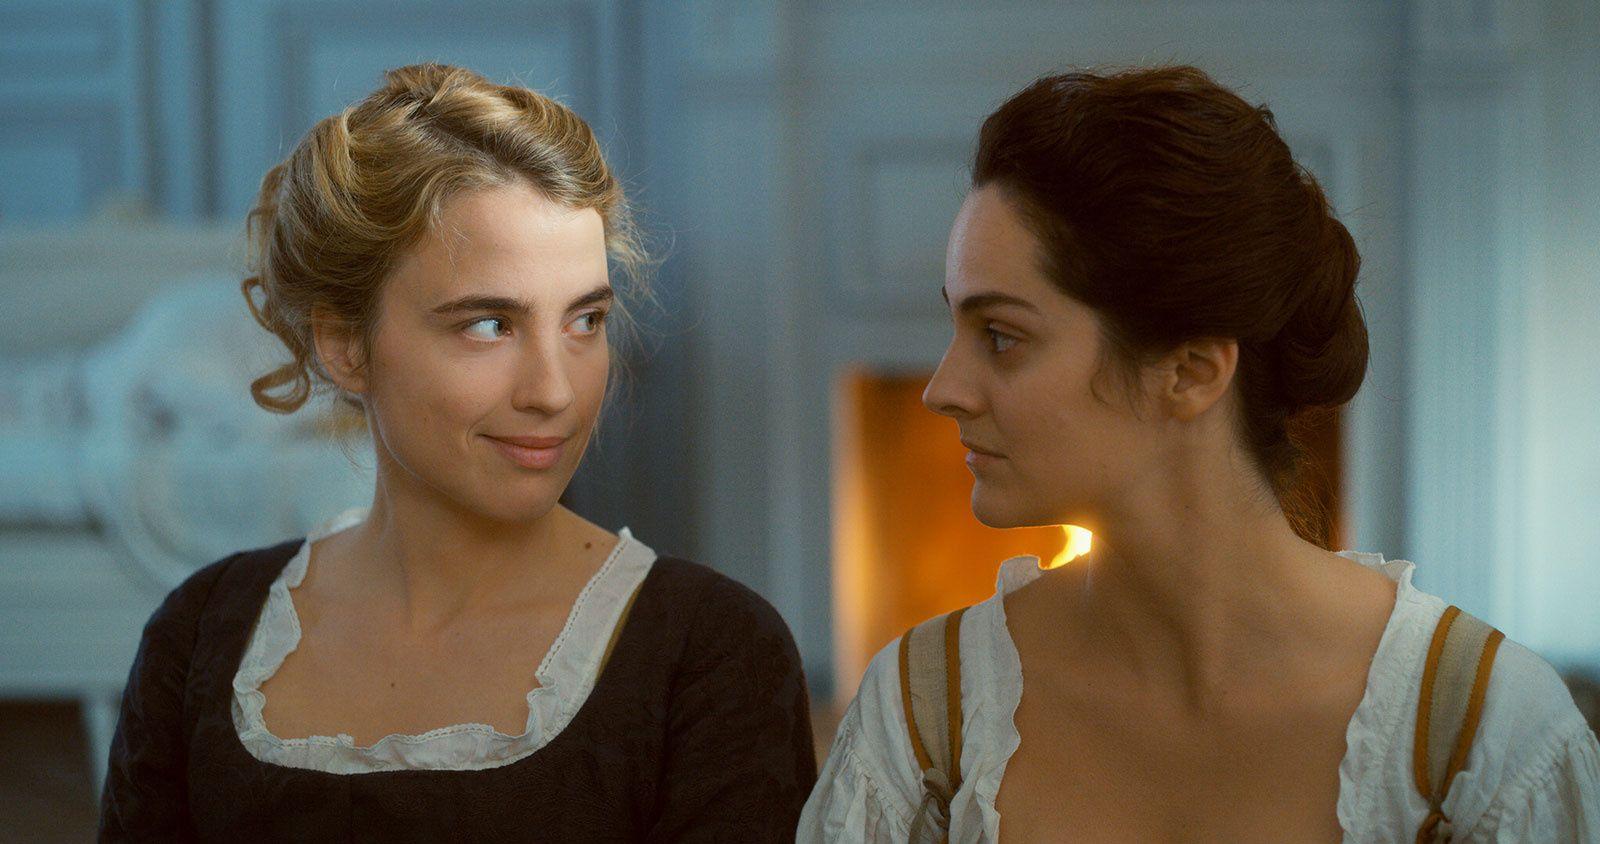 Portrait de la jeune fille en feu (BANDE-ANNONCE + 1 EXTRAIT) avec Noémie Merlant, Adèle Haenel, Valeria Golino - Le 18 septembre 2019 au cinéma